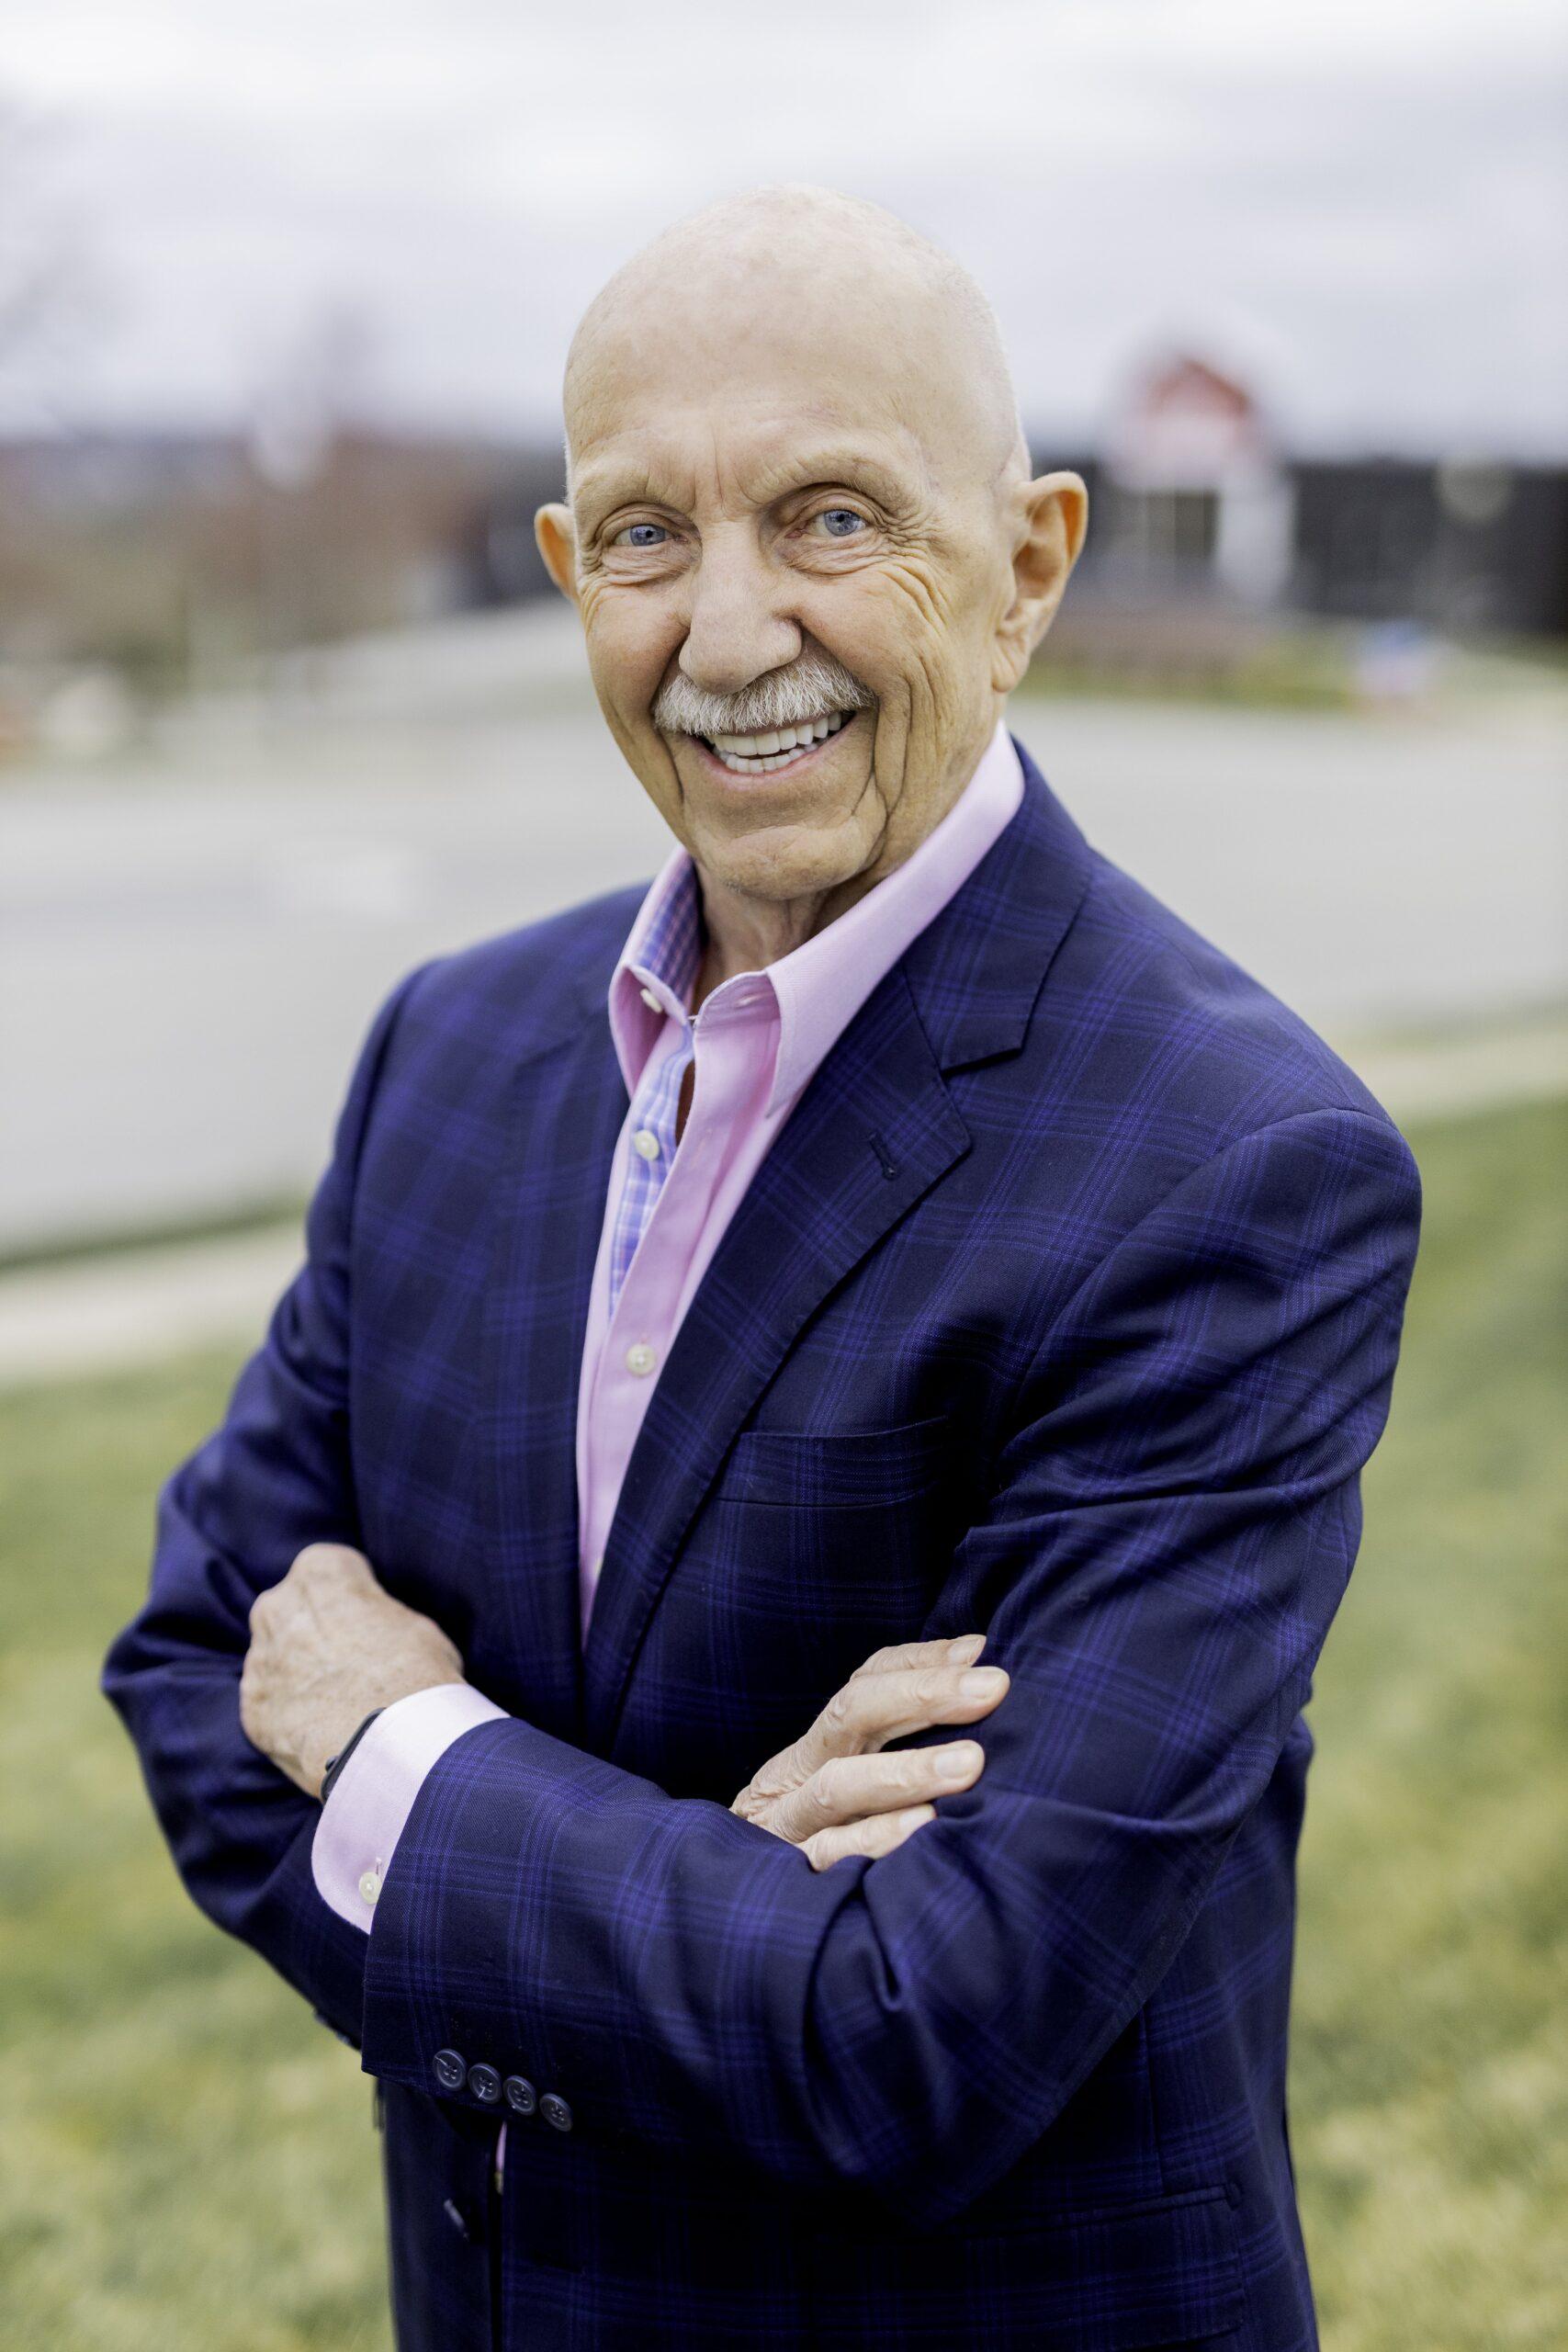 photo of bank employee peter peitz